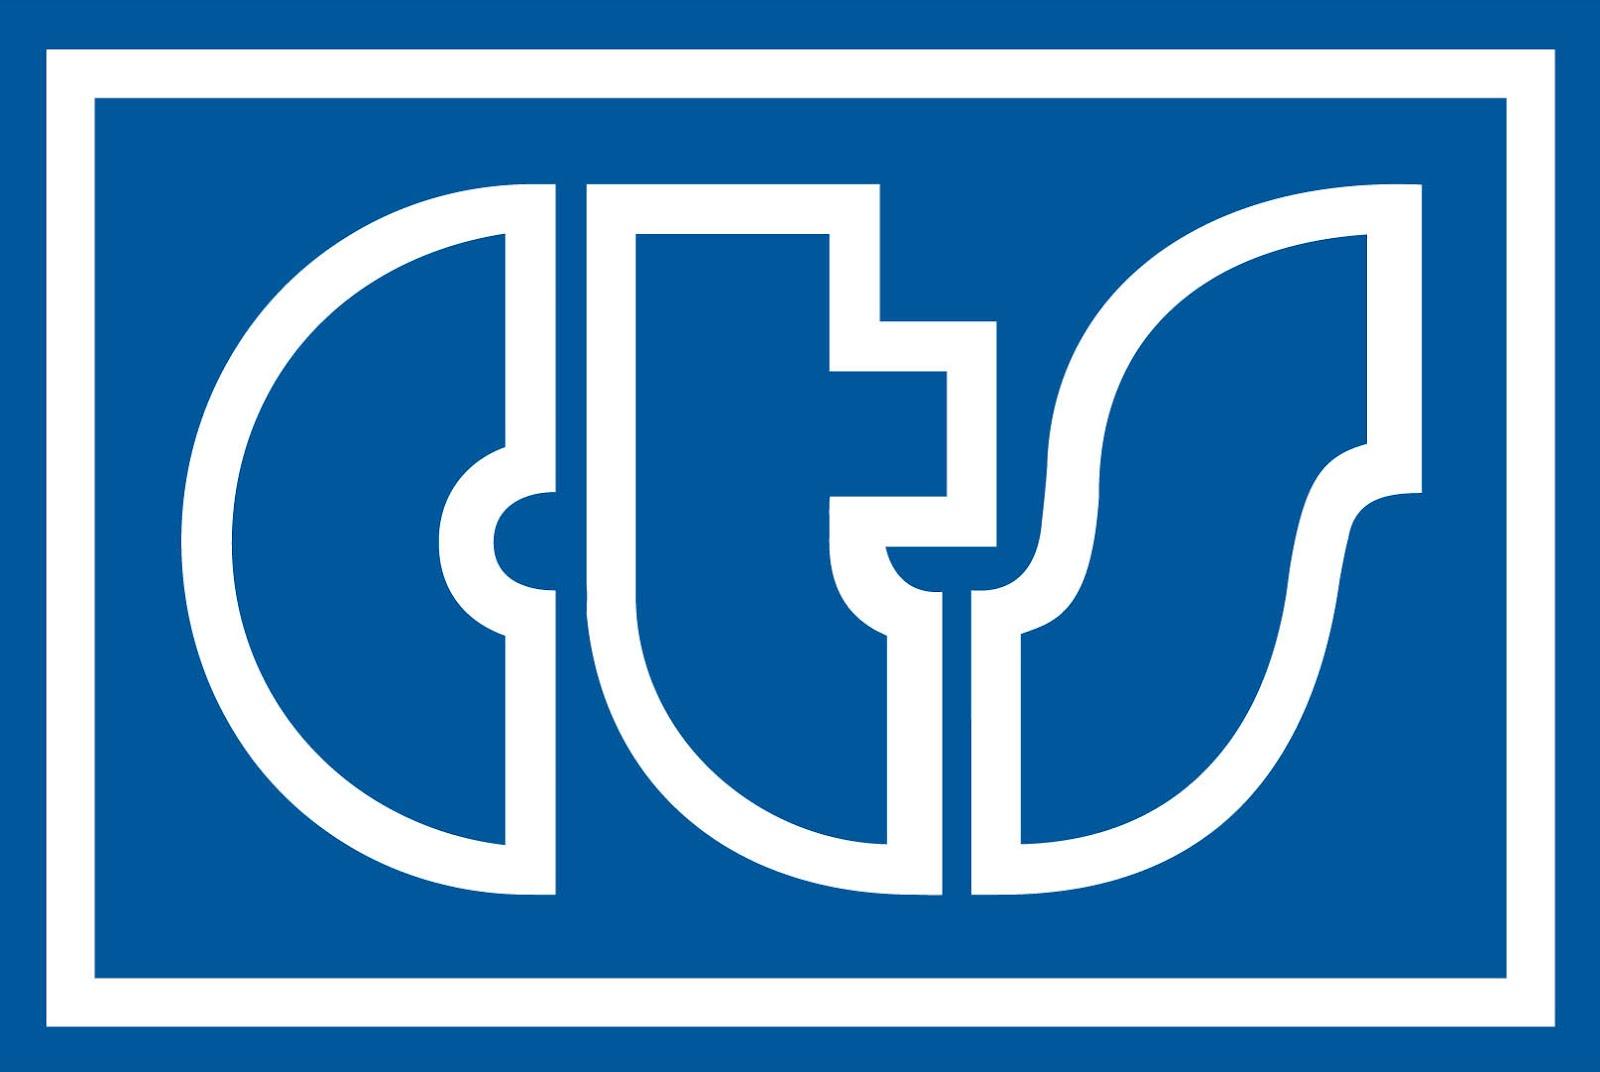 CTS-Centro turistico studentesco